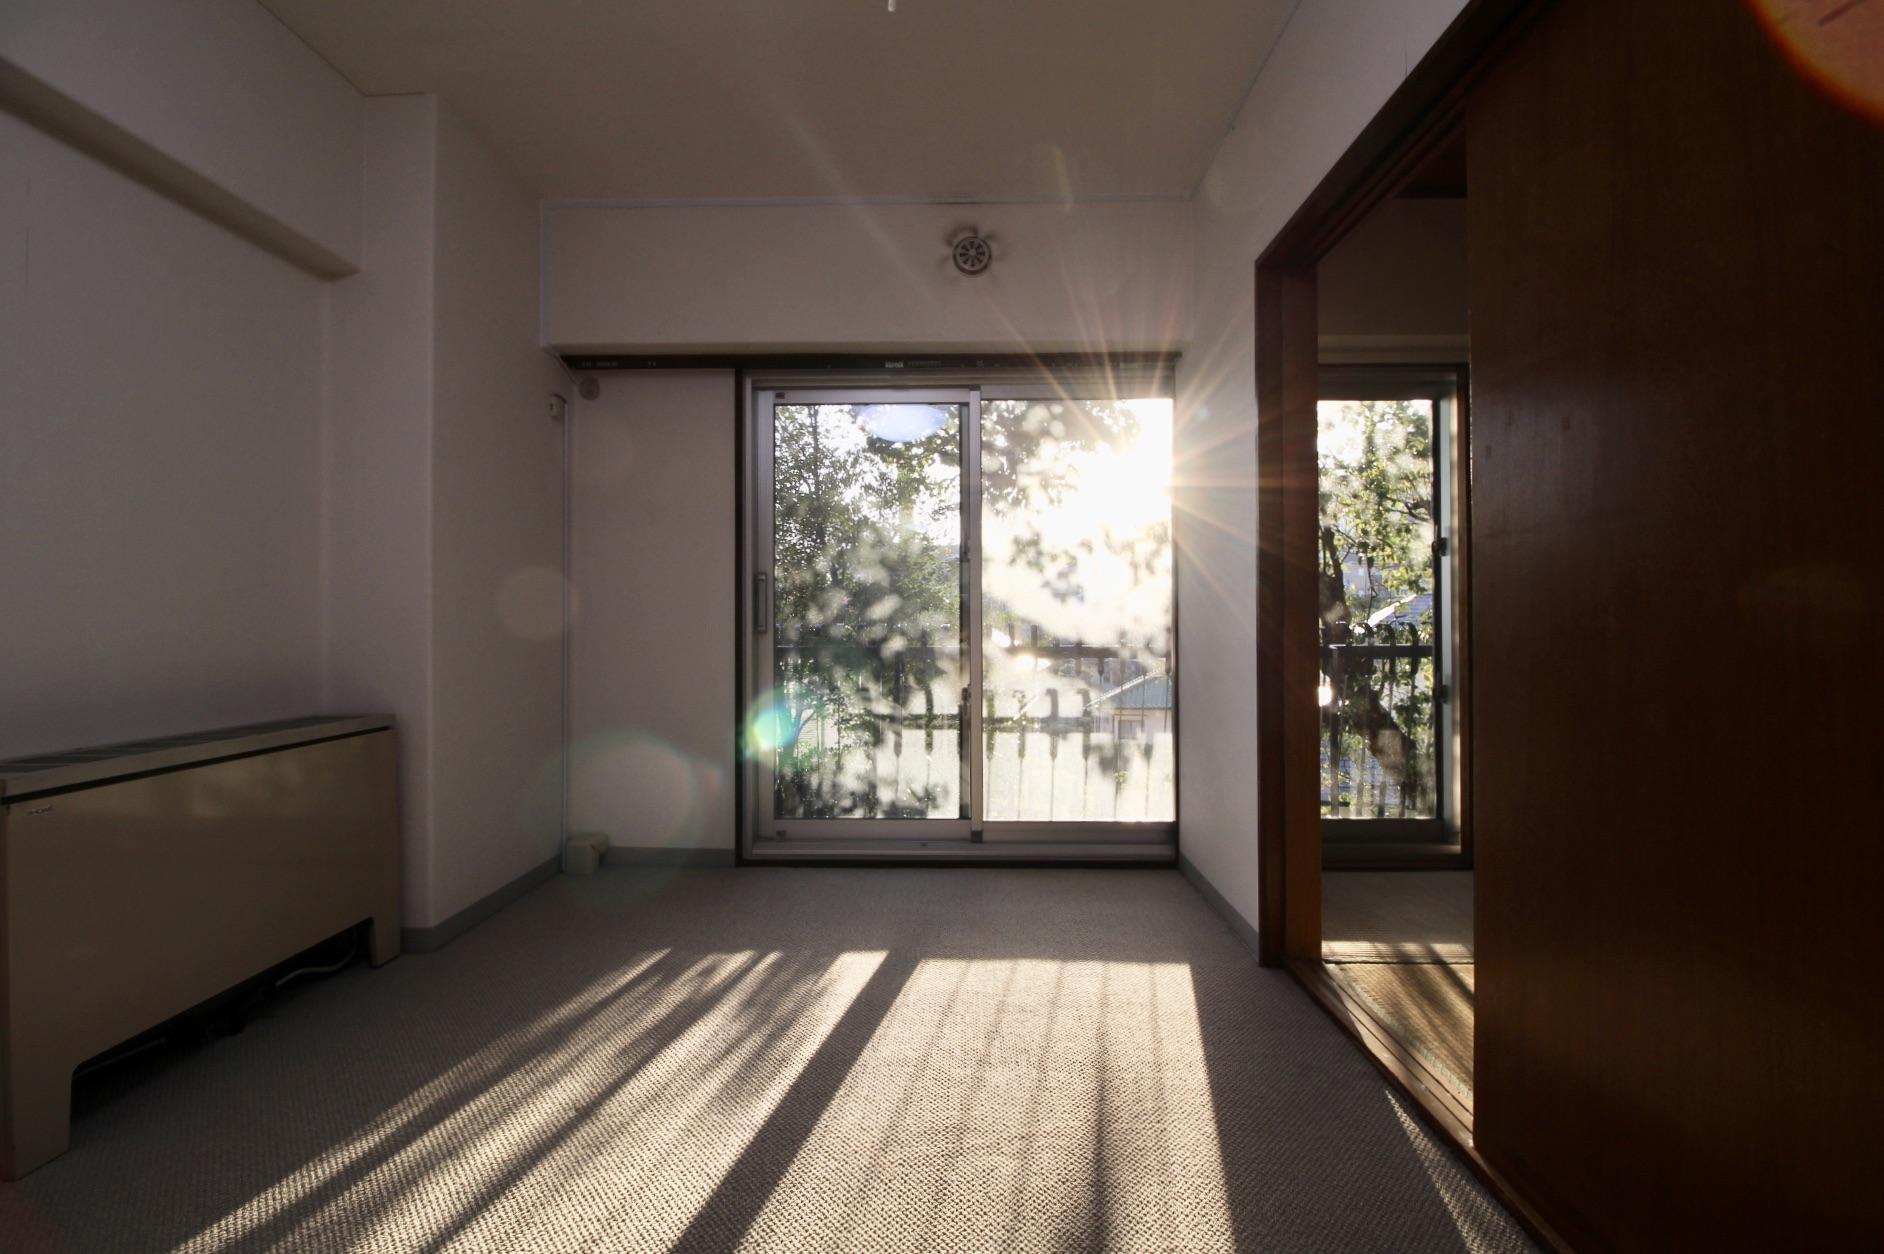 木漏れ日が差し込み部屋全体に光が充満する